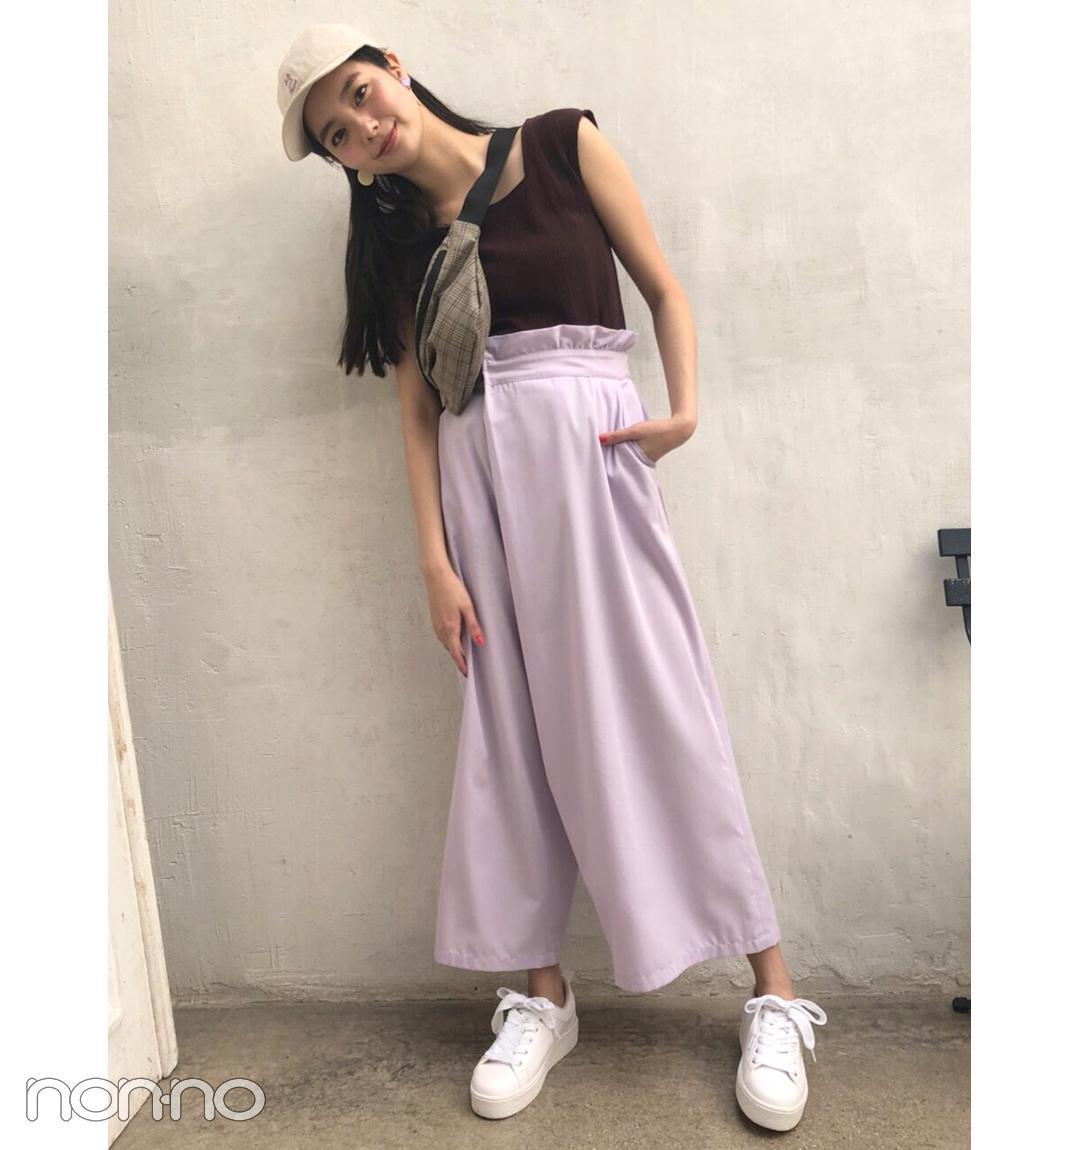 新川優愛はきれい色パンツで女っぽスポーツMIXにトライ。【毎日コーデ】_1_1